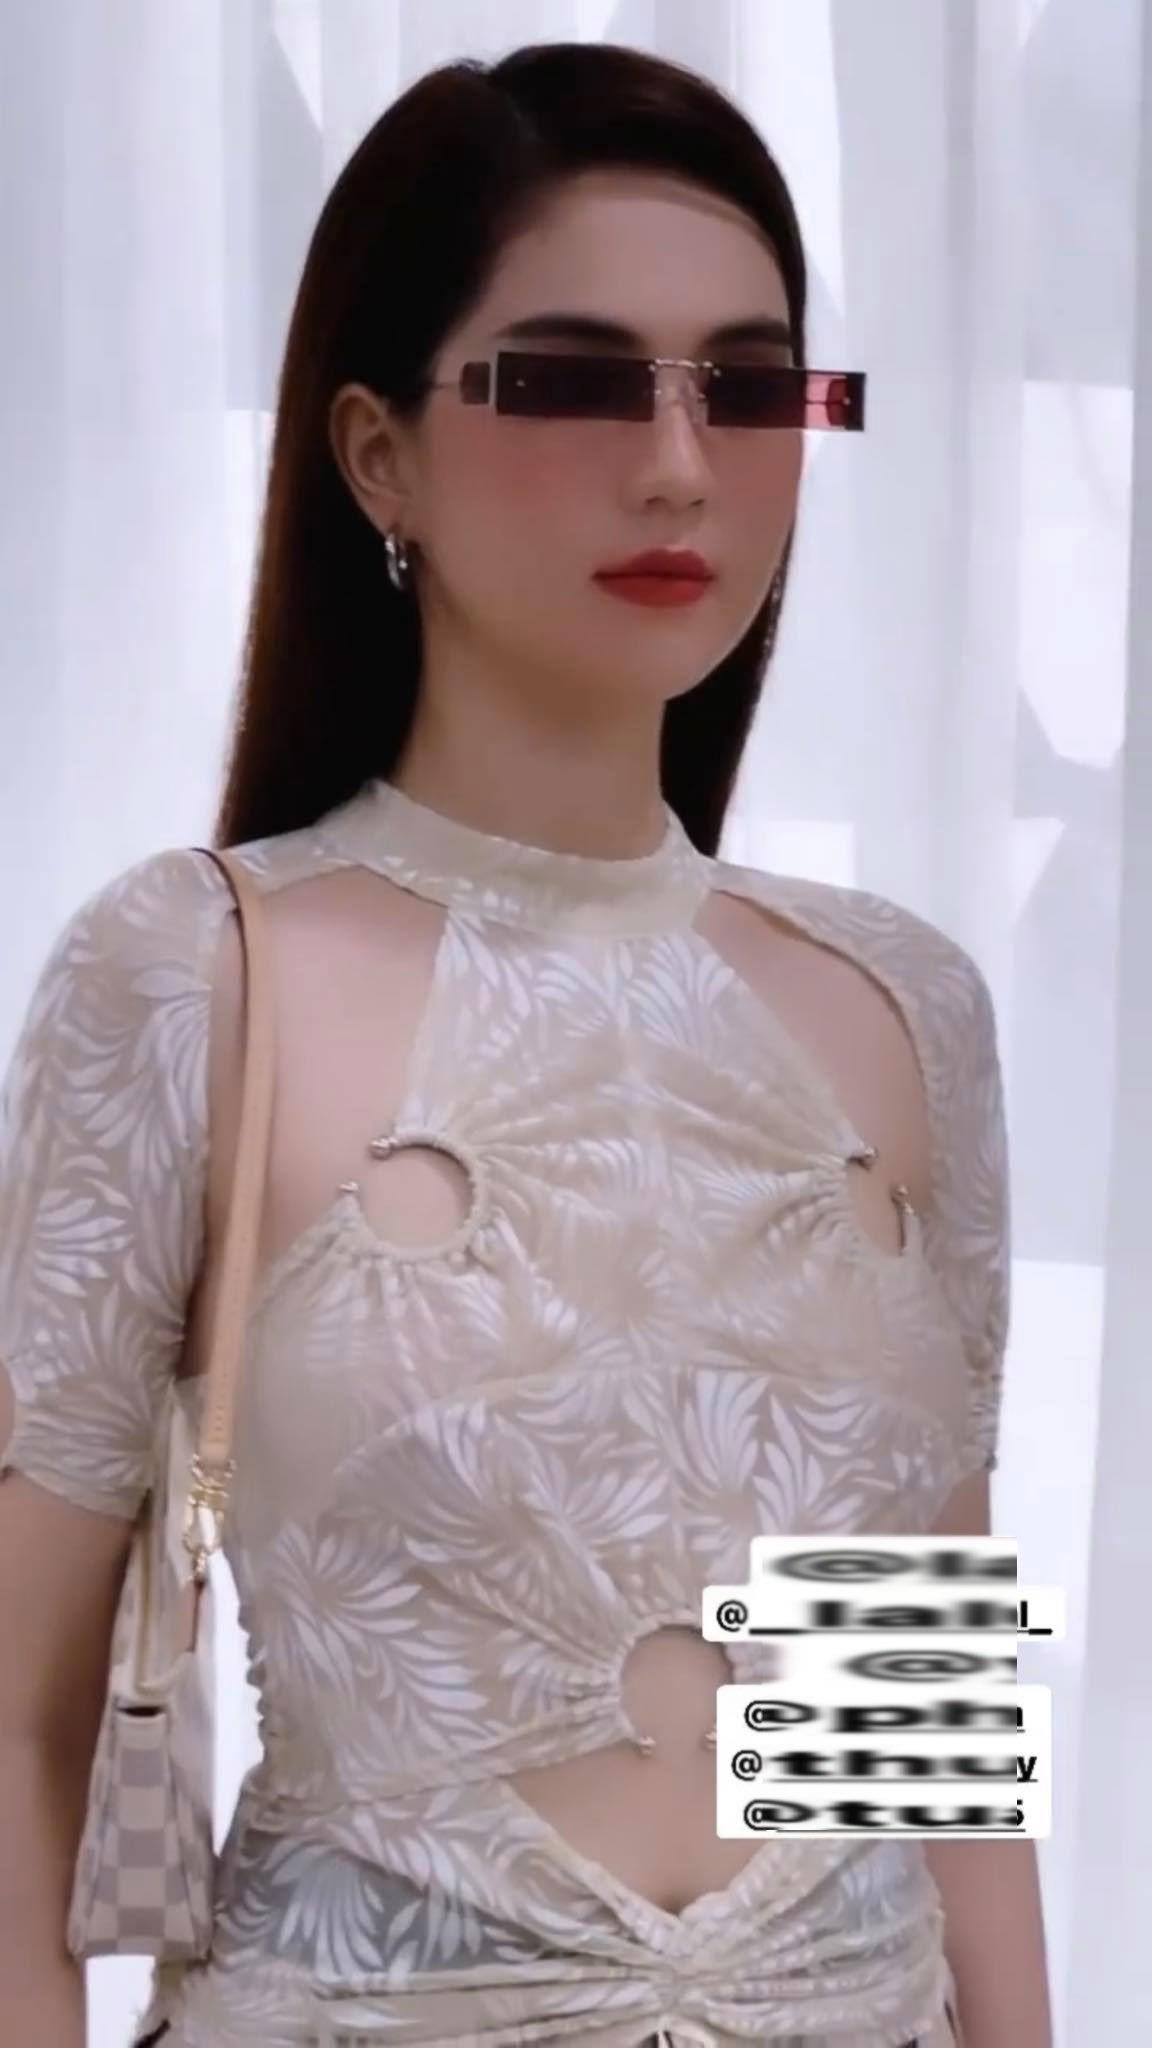 Ngọc Trinh đụng áo với amp;#34;Hoa hậu gợi cảm nhất Vbizamp;#34;, cao tay hơn ở khoản phụ kiện lạ mắt - 1